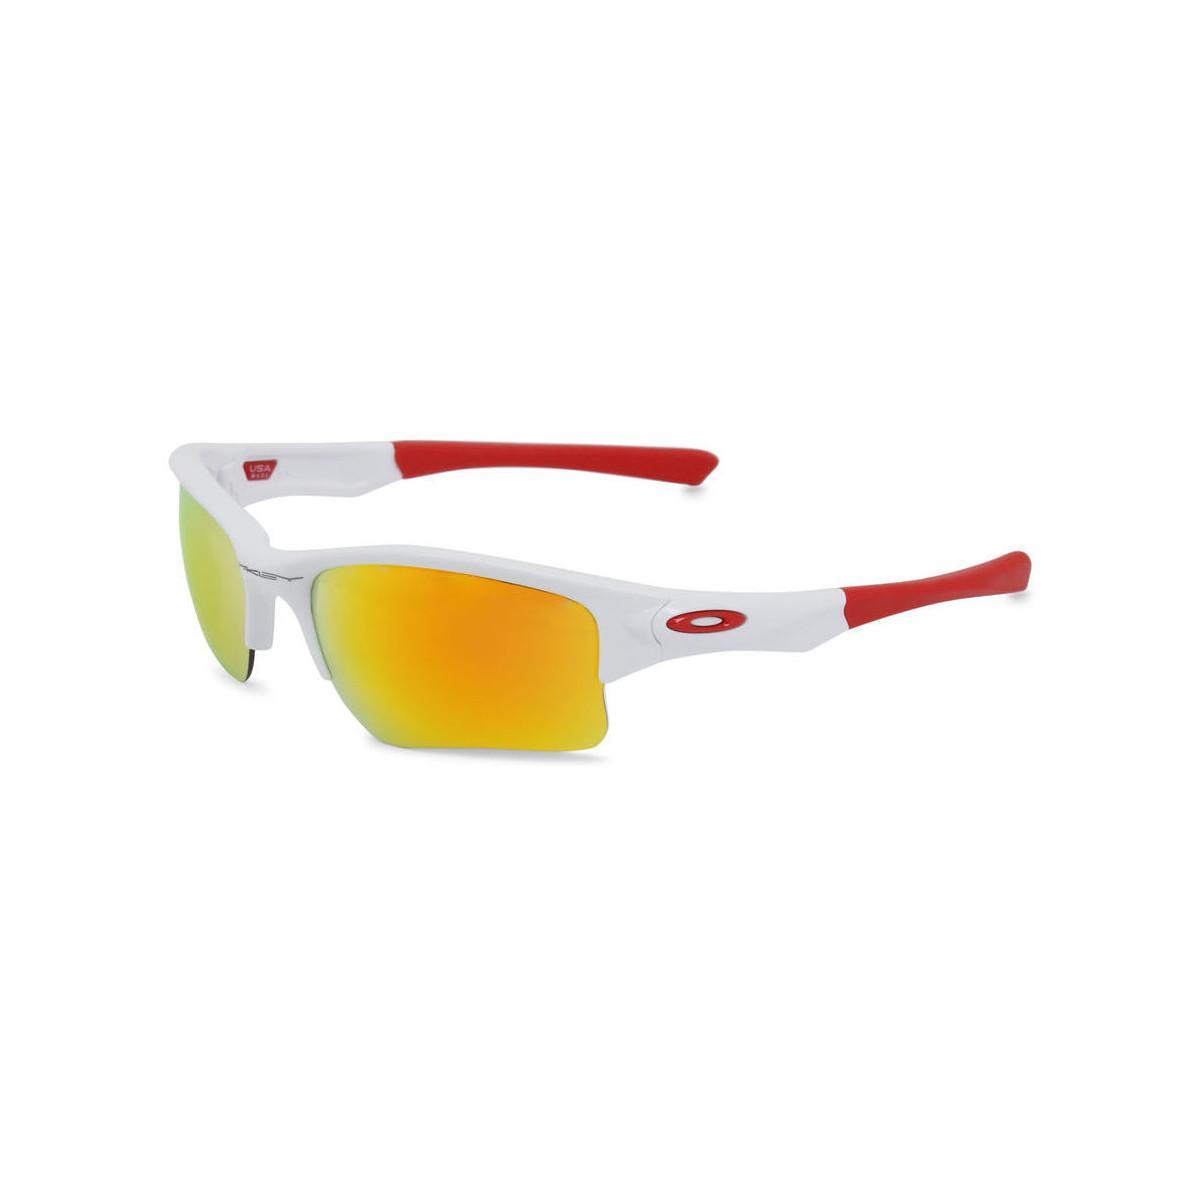 0oo9200 Lunettes de soleil Oakley pour homme en coloris Blanc pgvb